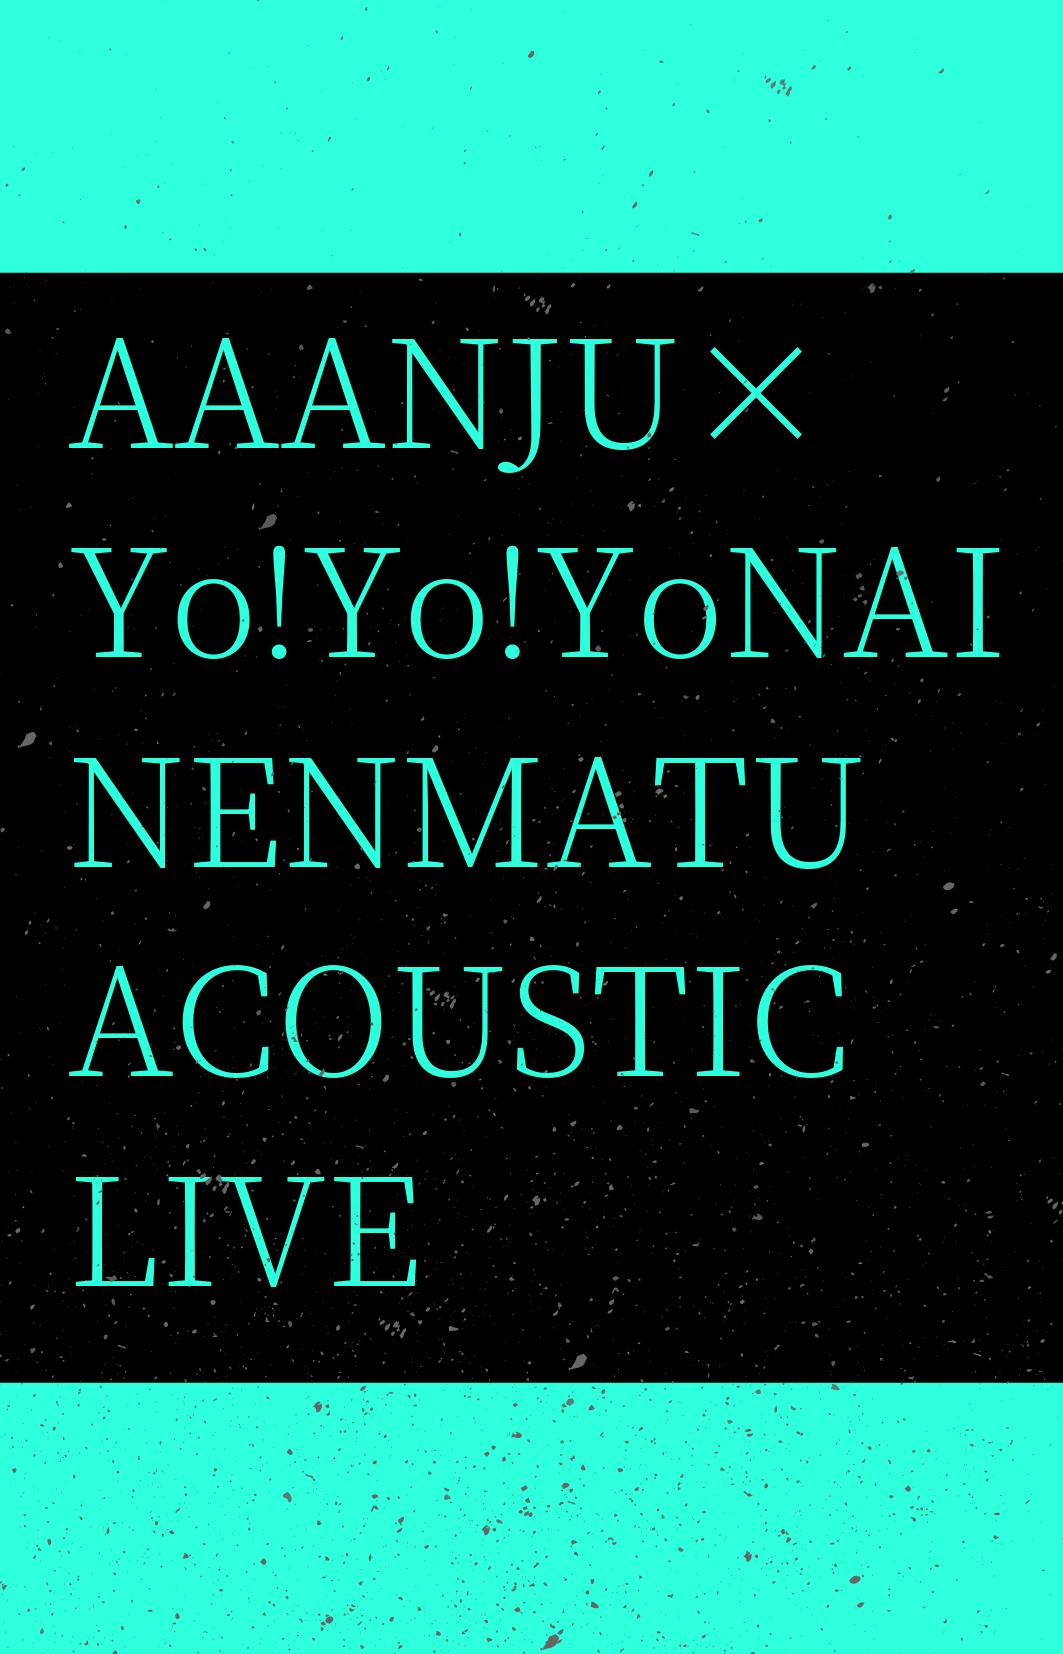 あああんじゅVol.7  AAANJU×Yo!Yo!YoNAI 年末アコースティックライブ